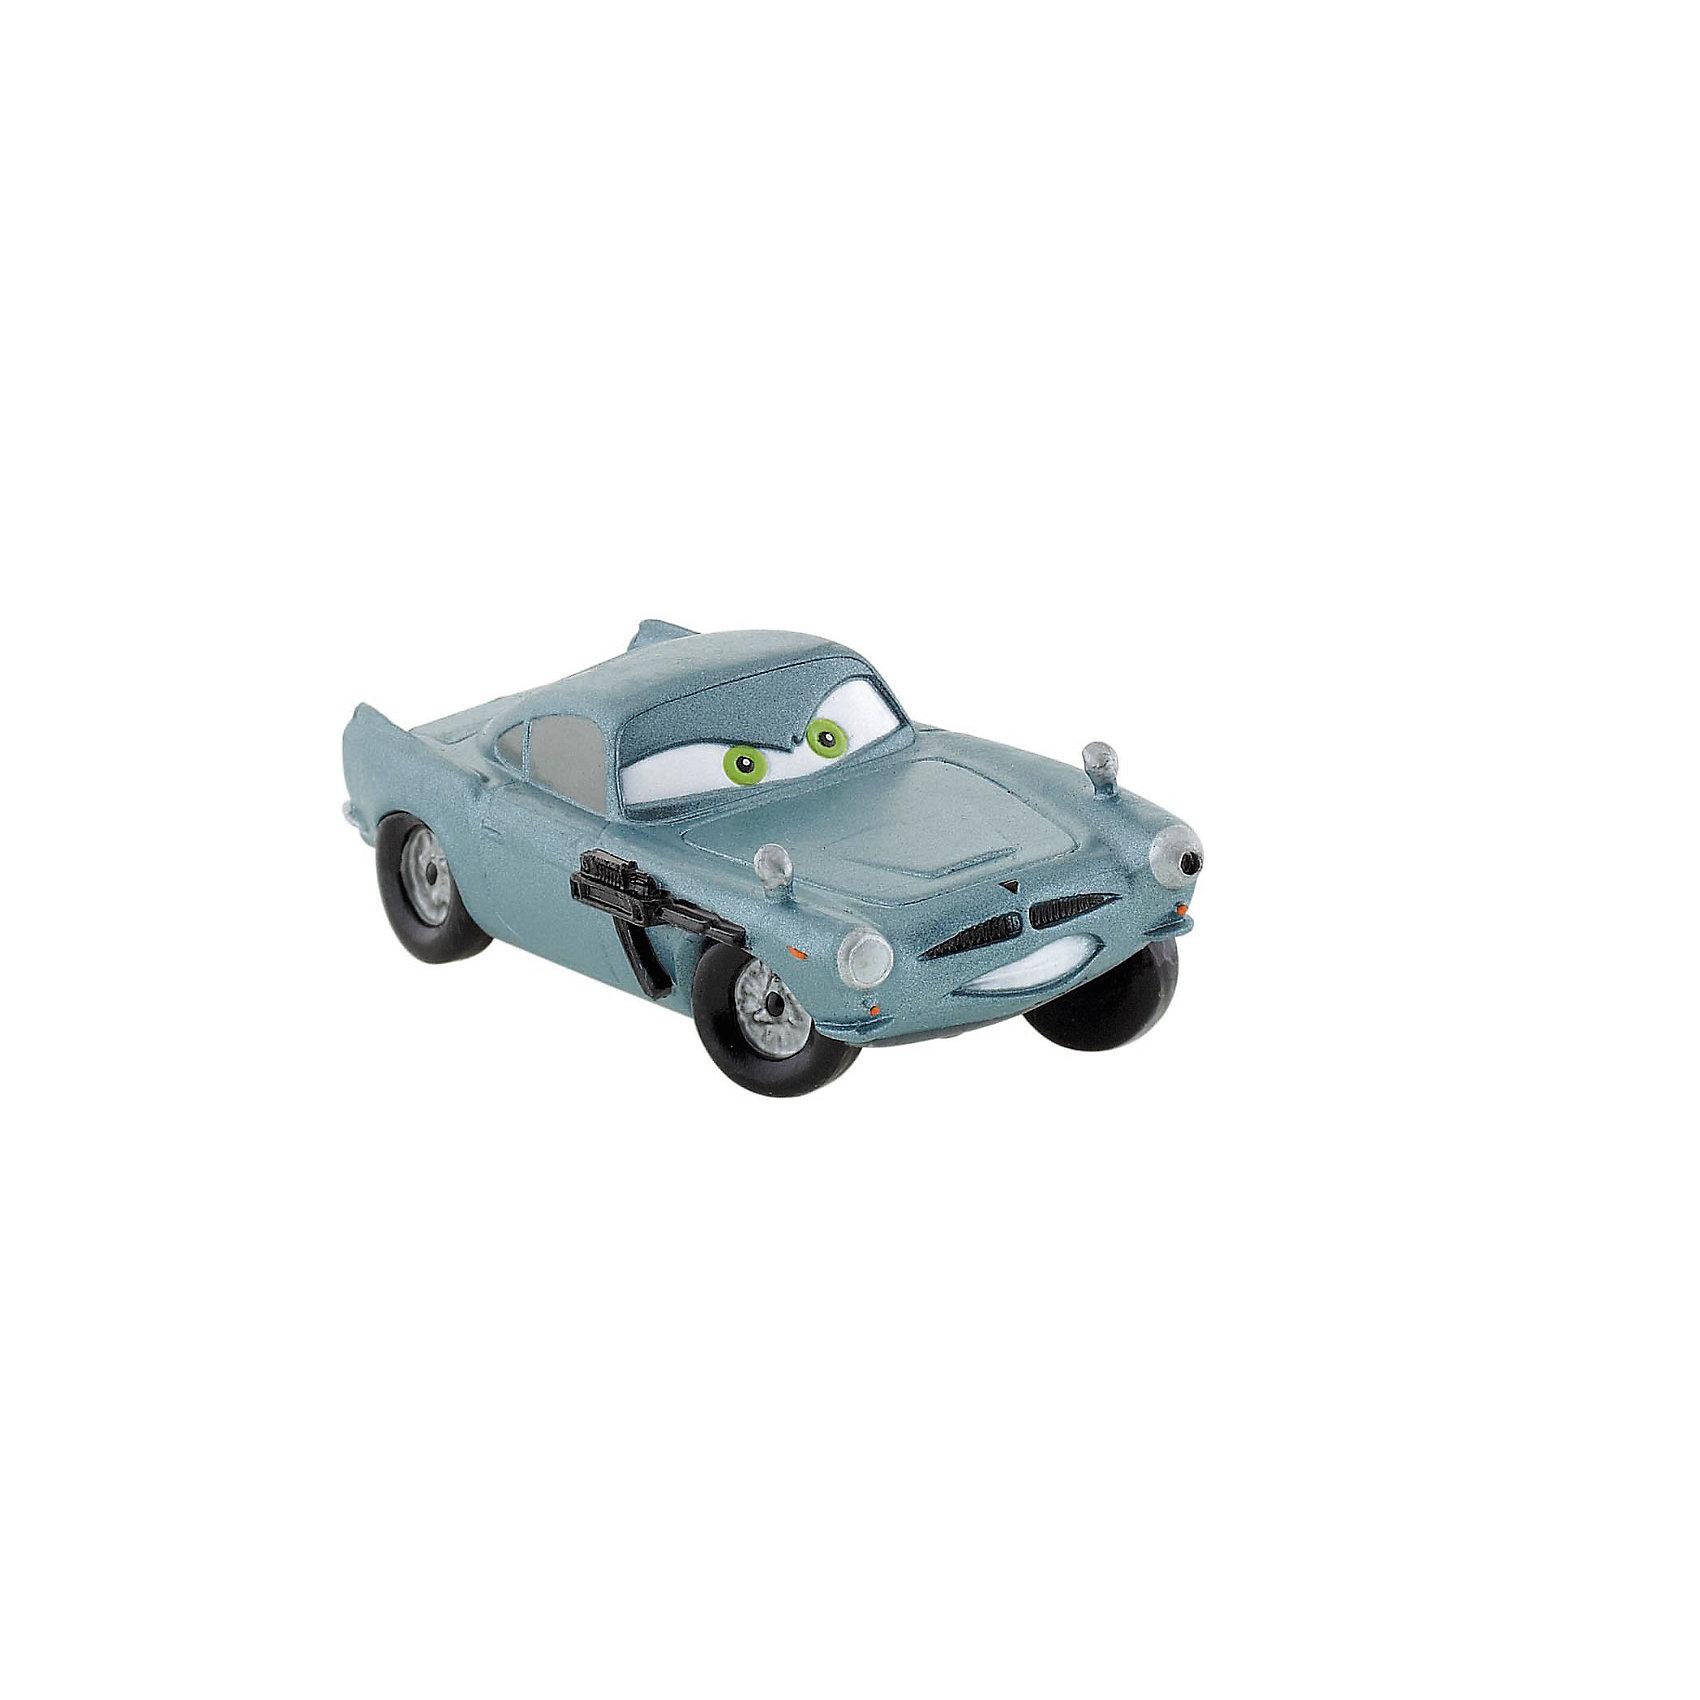 Фигурка Финн МакМиссл,  ТачкиФигурка Тачки Финн МакМиссл из мультфильма студии Уолта Диснея и компании Пиксар «Тачки 2». Серебристо - голубой автомобиль марки Aston Martin DB5. Его глаза цвета морской волны горят, освещая дорогу. Наш персонаж - настоящий шпион, работающий на Британскую разведку. Машинка напичкана множеством хитроумных приспособлений, помогающих выбраться из любой сложной ситуации. Будучи настоящим шпионом, Финн МакМиссл подозревает, что за Мировым Гран-При кроется какой-то заговор. Фигурка машинки очаровательна и элегантна. Персонаж явно напоминает автомобиль Джеймса Бонда. Игрушка выполнена из высококачественных, нетоксичных материалов и безопасна для детей. <br><br>Дополнительная информация:<br><br>Размер:7,2 см <br>Материал: термопластичный каучук высокого качества. <br>  <br>Фигурку Финн МакМиссл,  Тачки можно купить в нашем магазине.<br><br>Ширина мм: 79<br>Глубина мм: 32<br>Высота мм: 28<br>Вес г: 13<br>Возраст от месяцев: 36<br>Возраст до месяцев: 96<br>Пол: Мужской<br>Возраст: Детский<br>SKU: 2270202